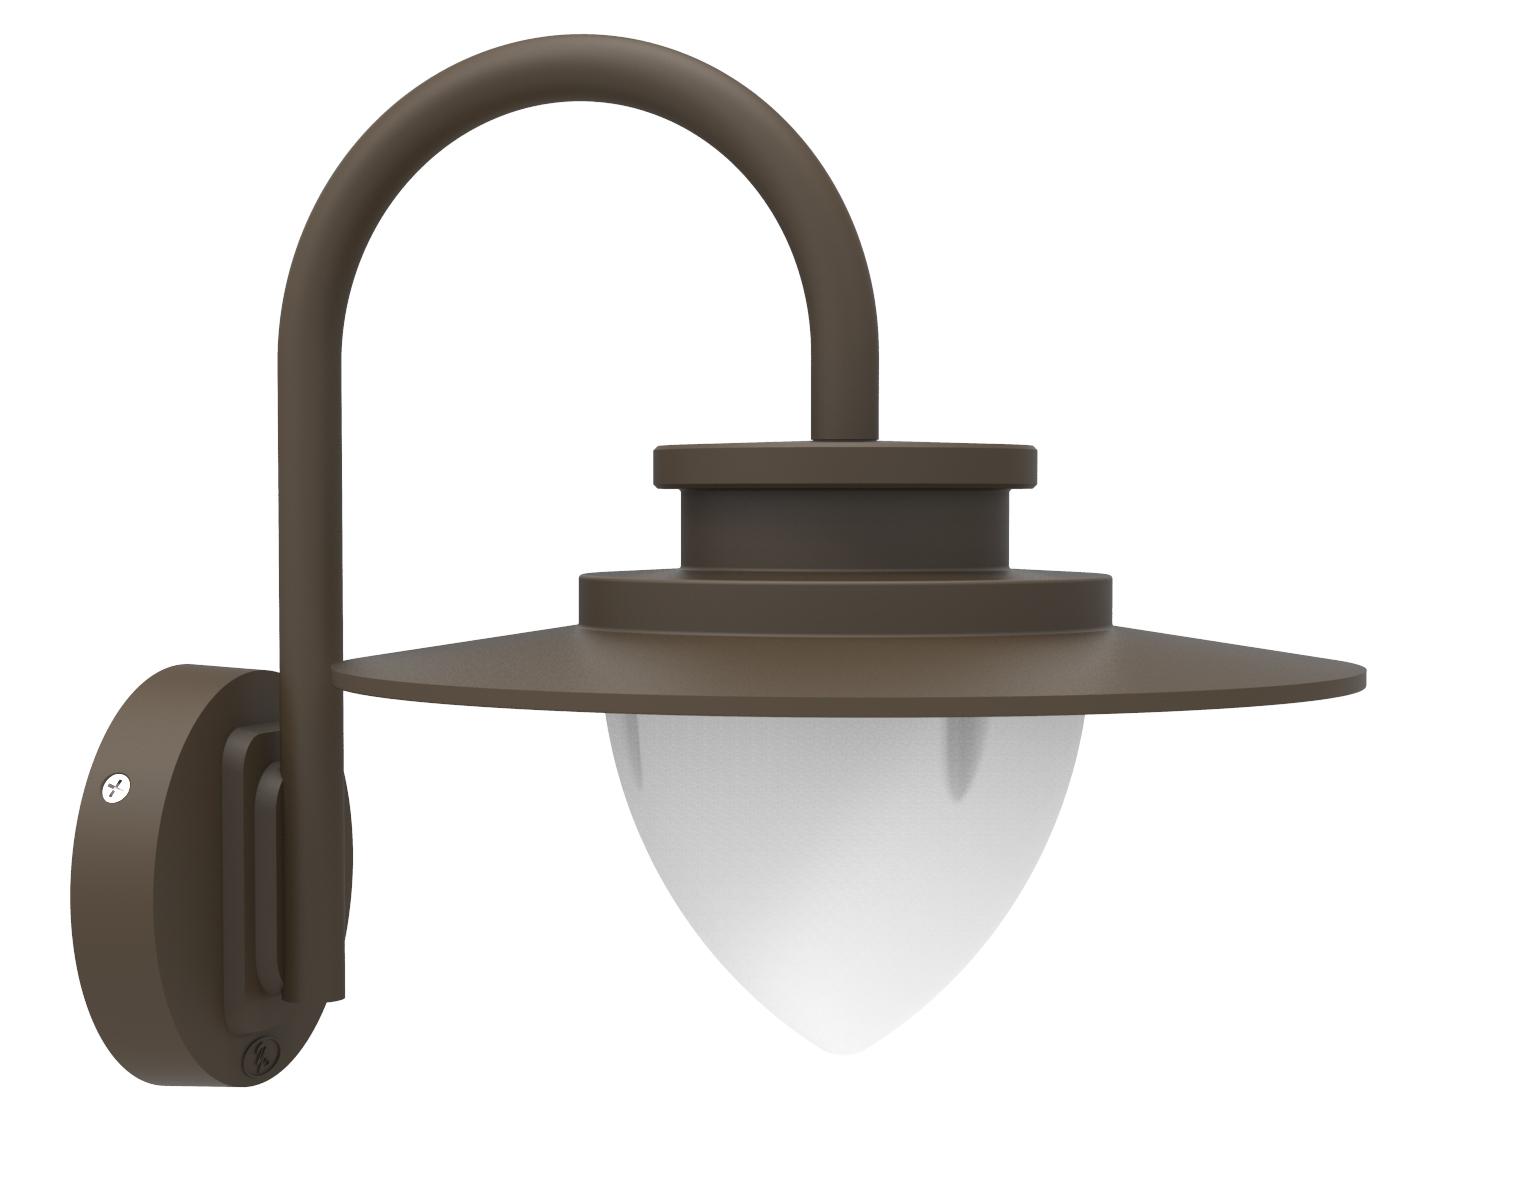 Lampenlux Außenleuchte Wandlampe Olivia 8,5W 3000K 450lm IP54